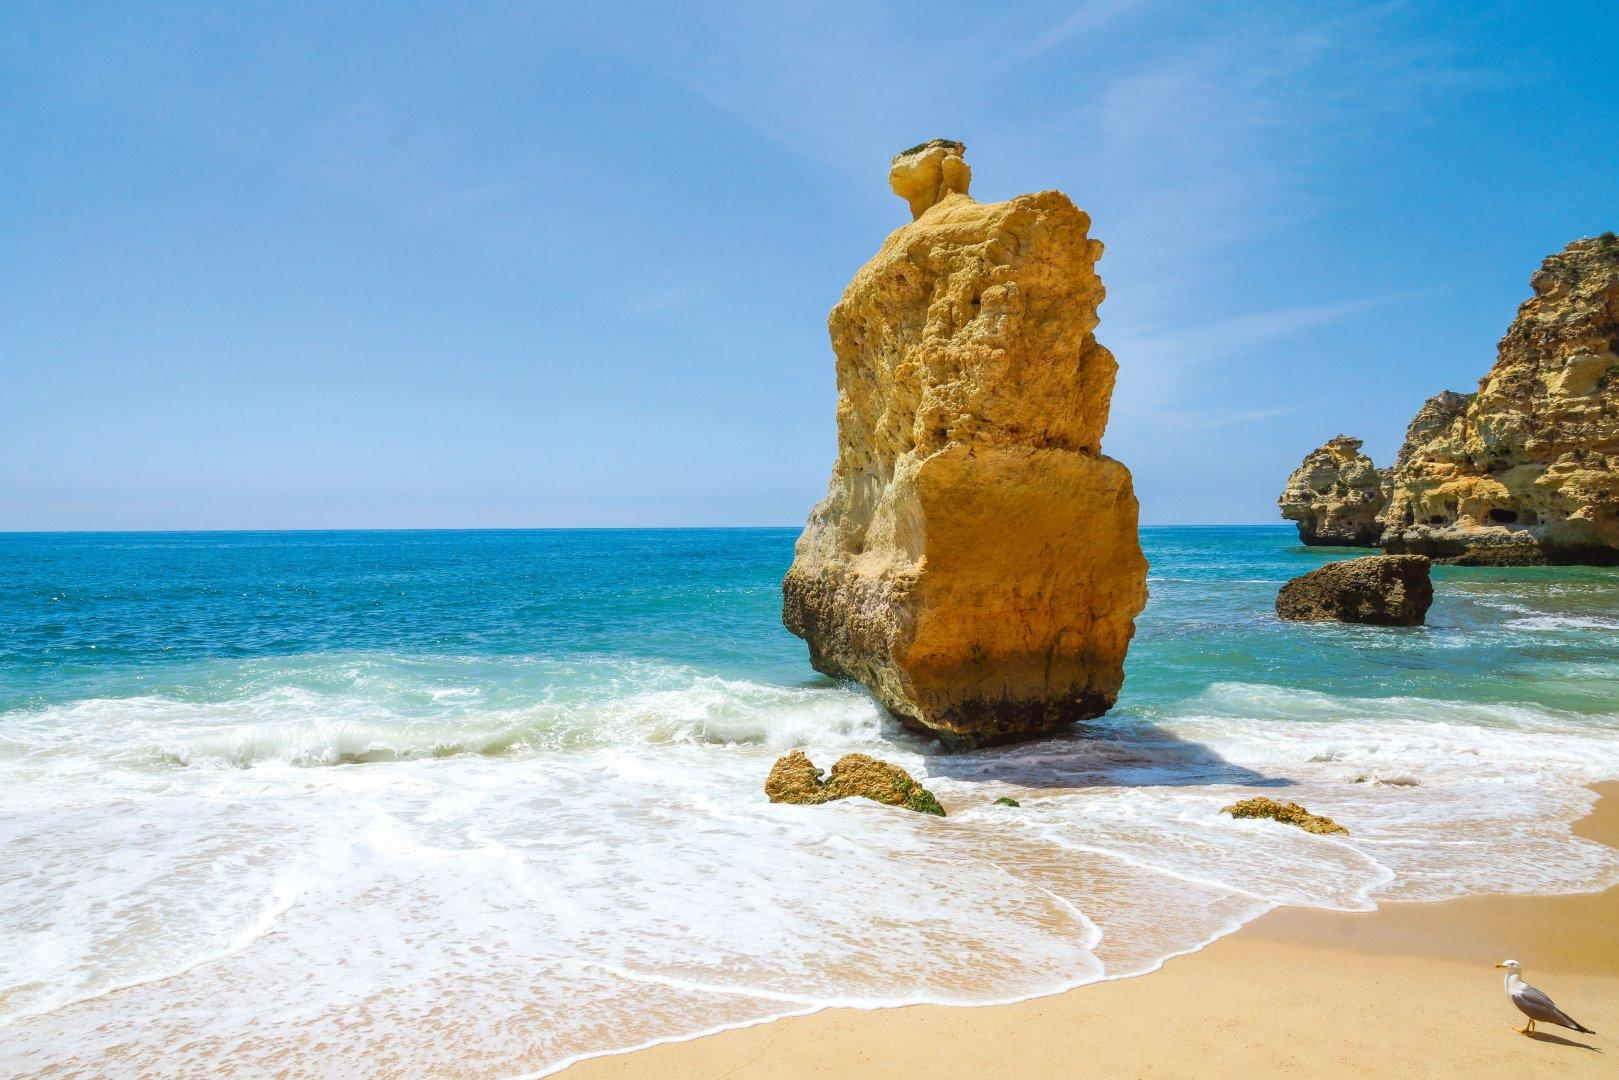 Praia da Marinha Algarve